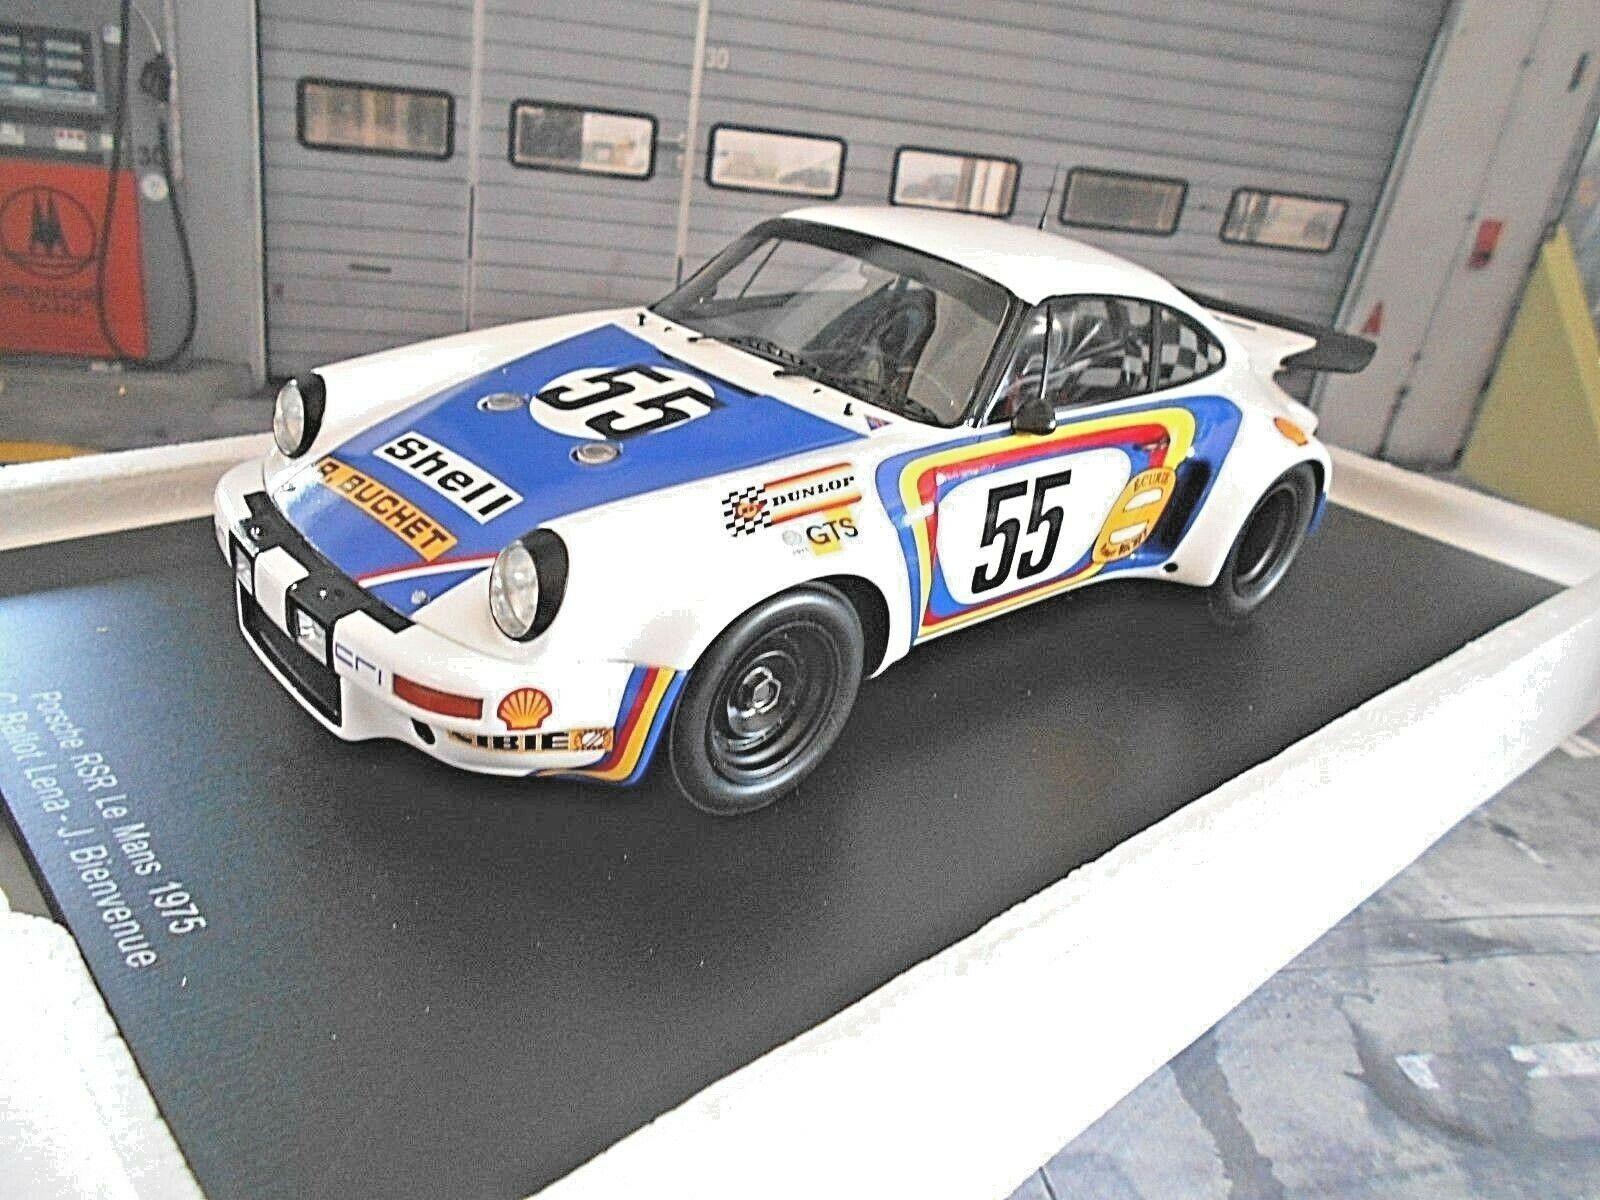 PORSCHE 911 Carrera 3.0 RSR LE MANS 1975 #55 Ballot-Lena bienv SP SPARK 1:18